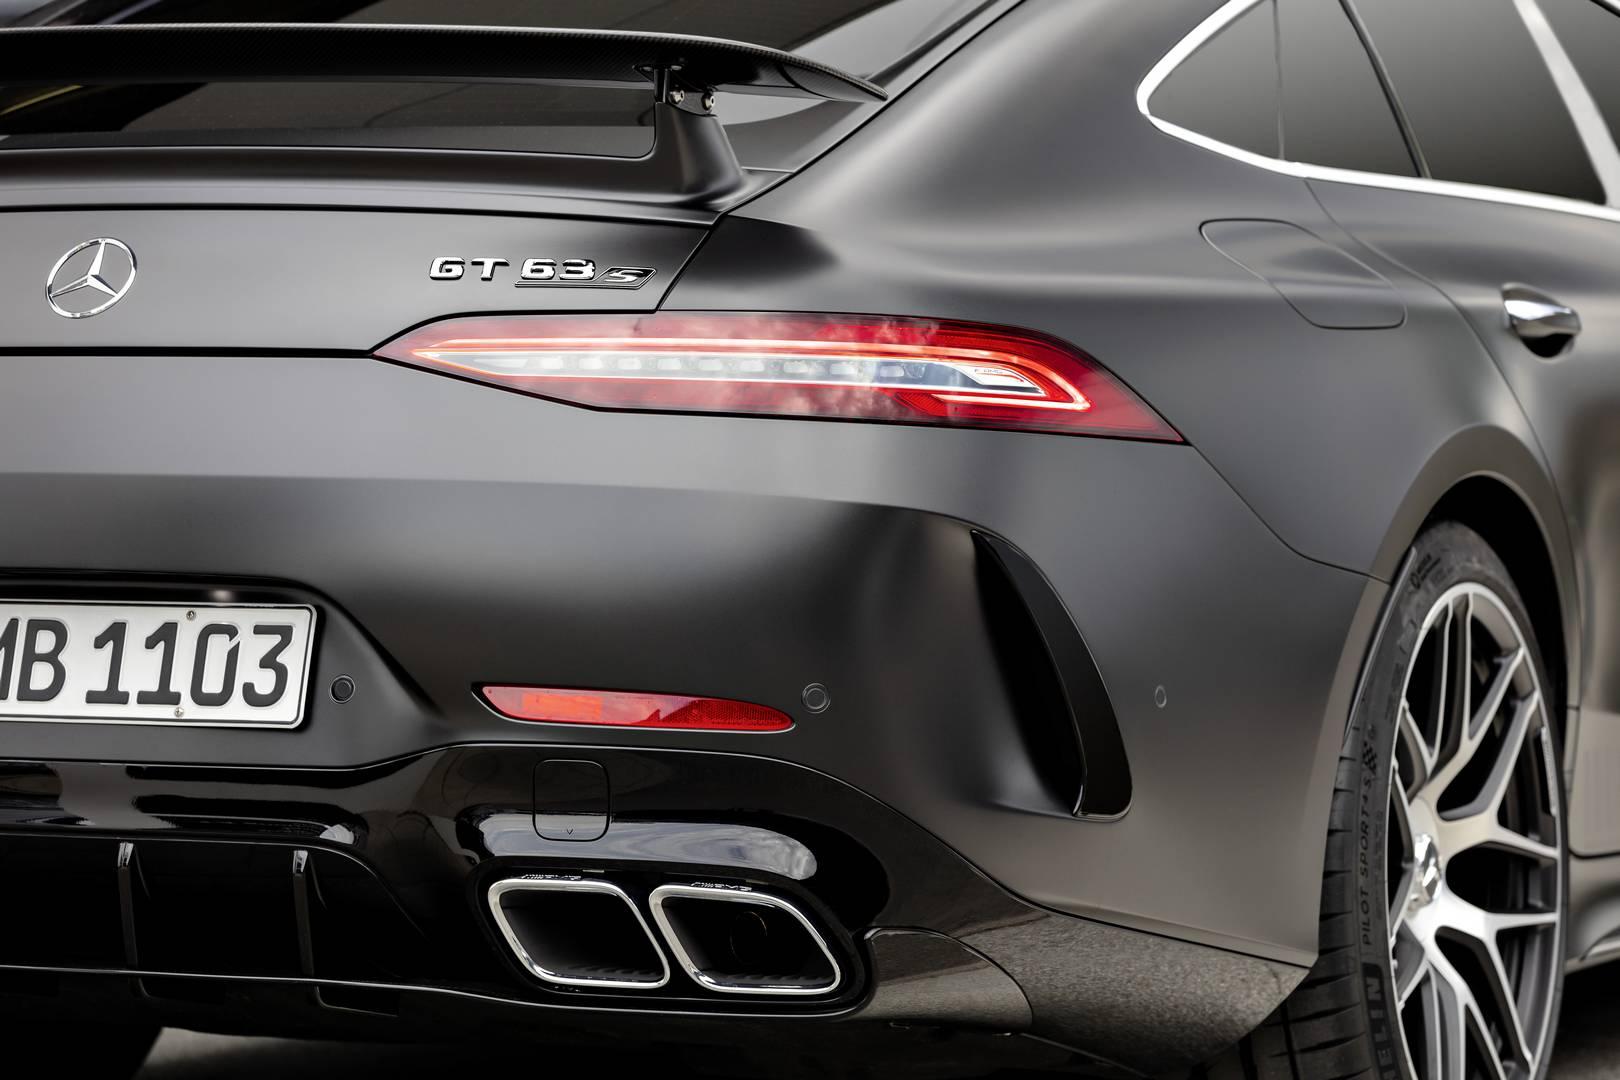 Специальная модель оснащена 21-дюймовыми коваными колесами AMG с двойными спицами с отделкой на выбор в цвете graphite grey magno, diamond white bright или graphite grey metallic.